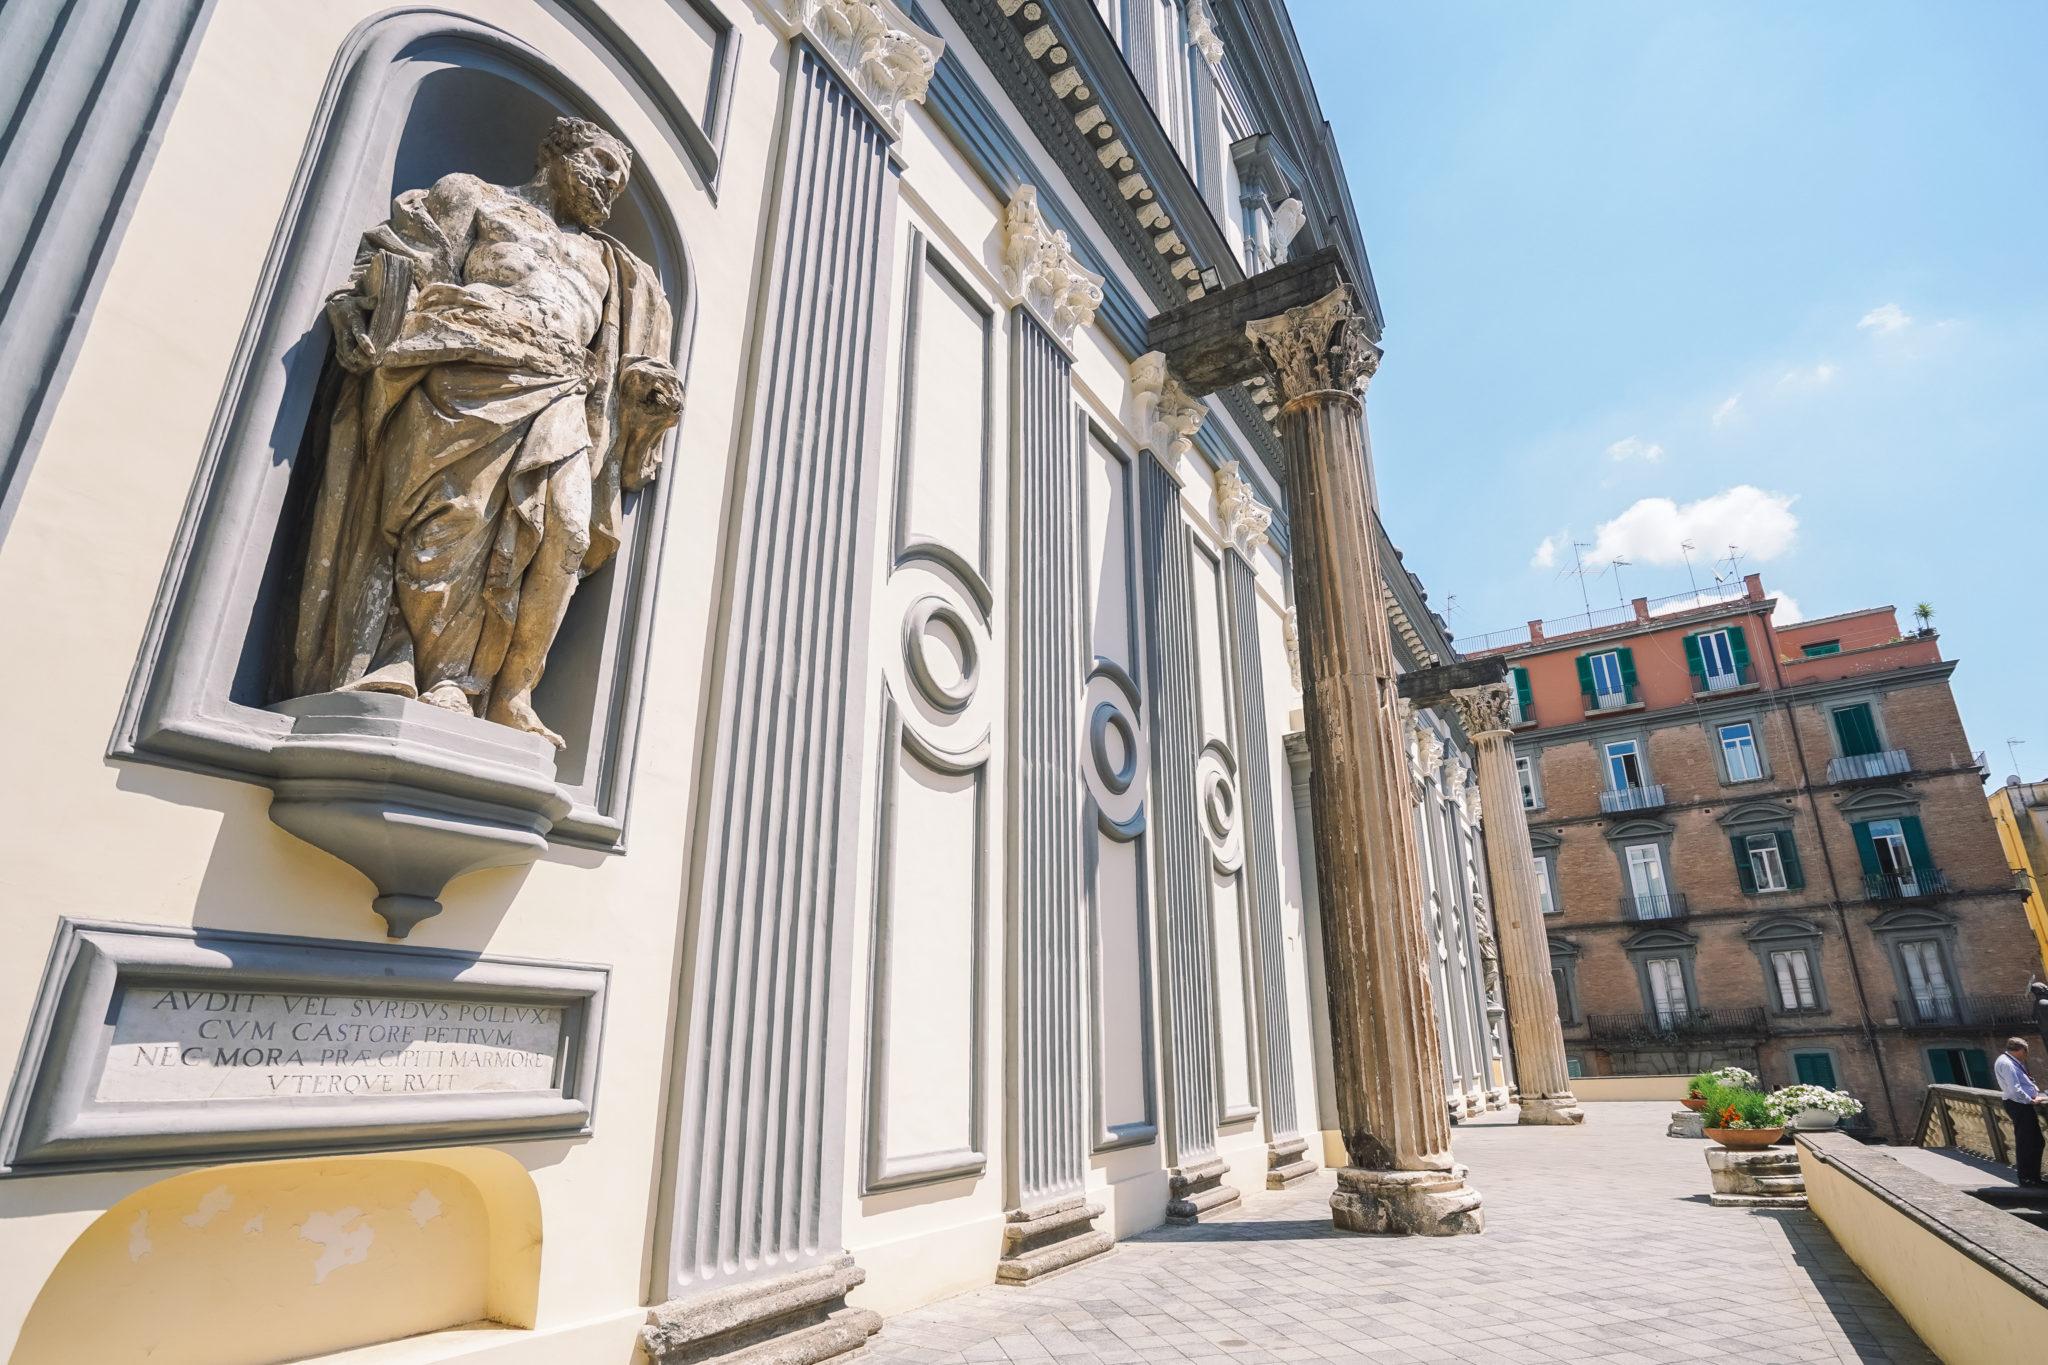 visiter-naples-city-guide-san-paolo-maggiore-basilique